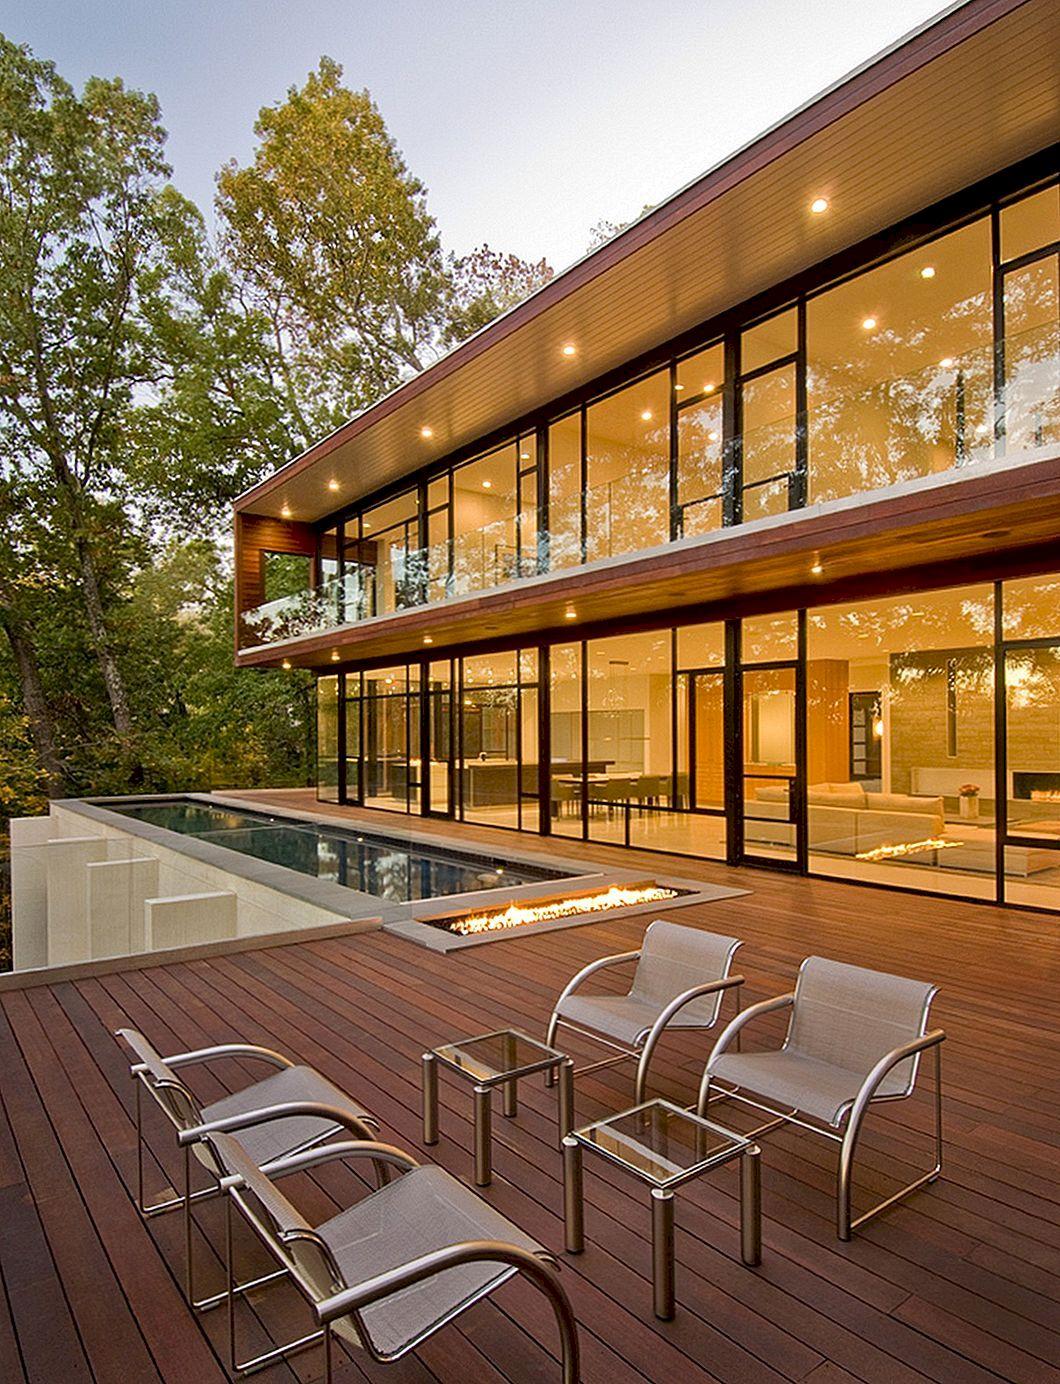 Jätkusuutlik ja salajane USA maja, kus on suurepärane metsamaastik